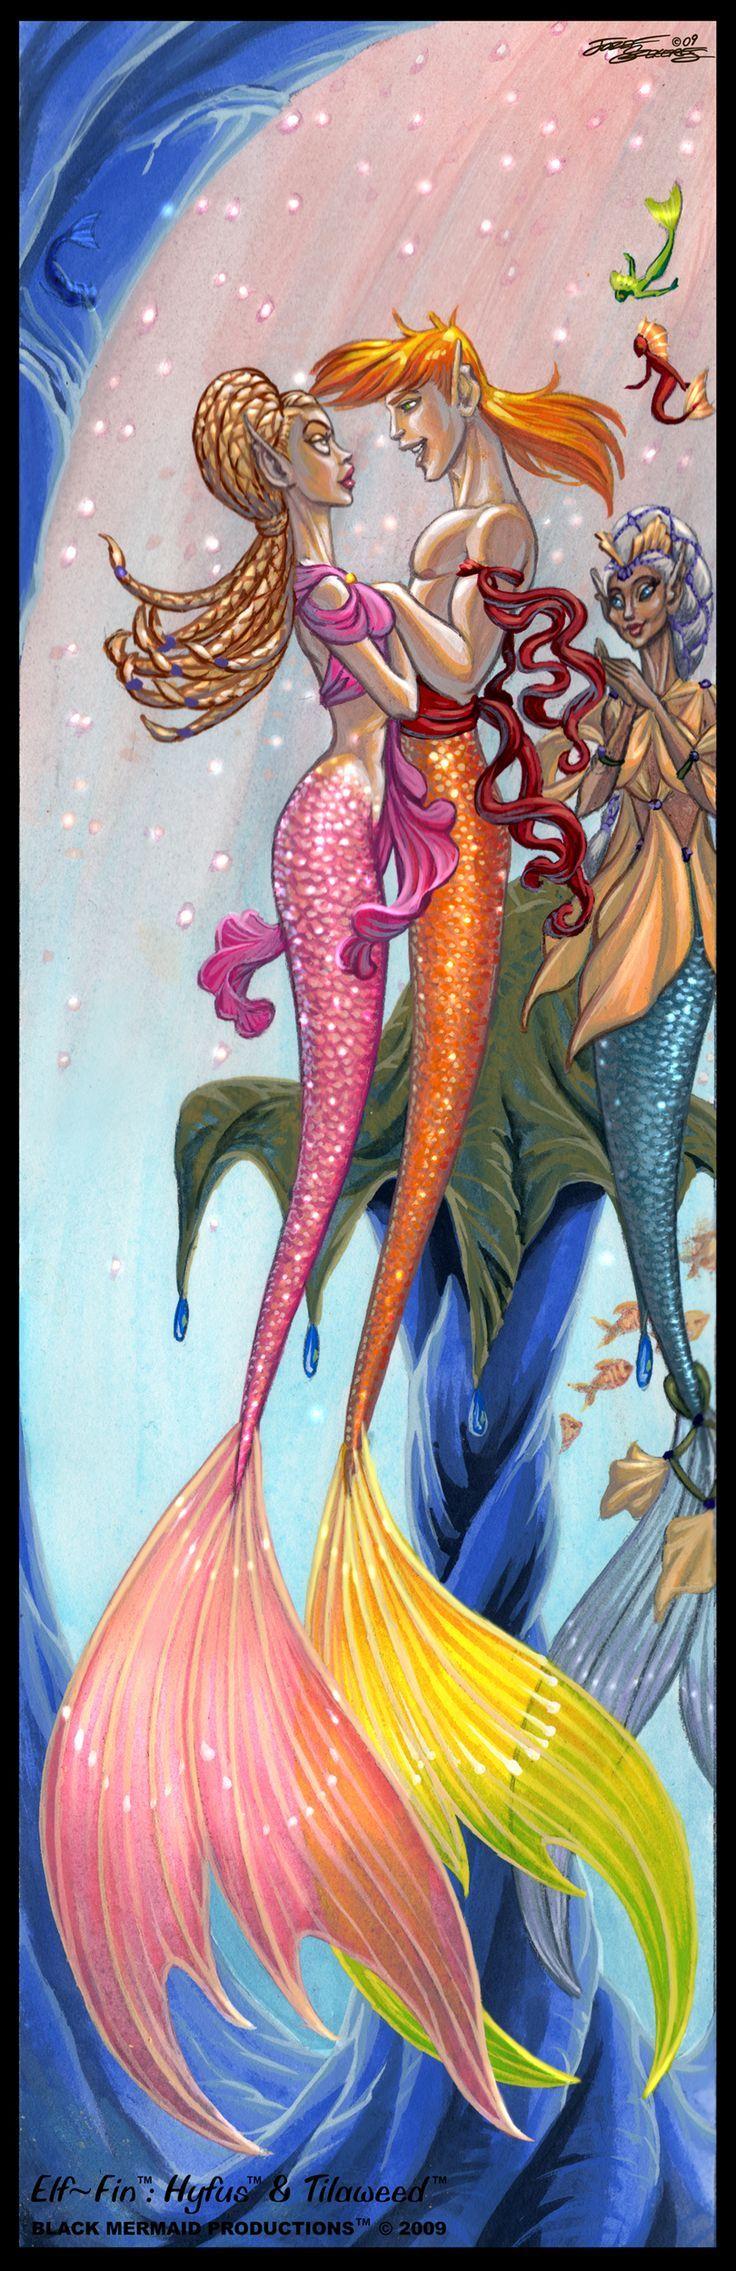 d6118f9e3a3d4d8ed96abba95a80b5d6--mermaid-artwork-mermaid-photos.jpg (736×2271)